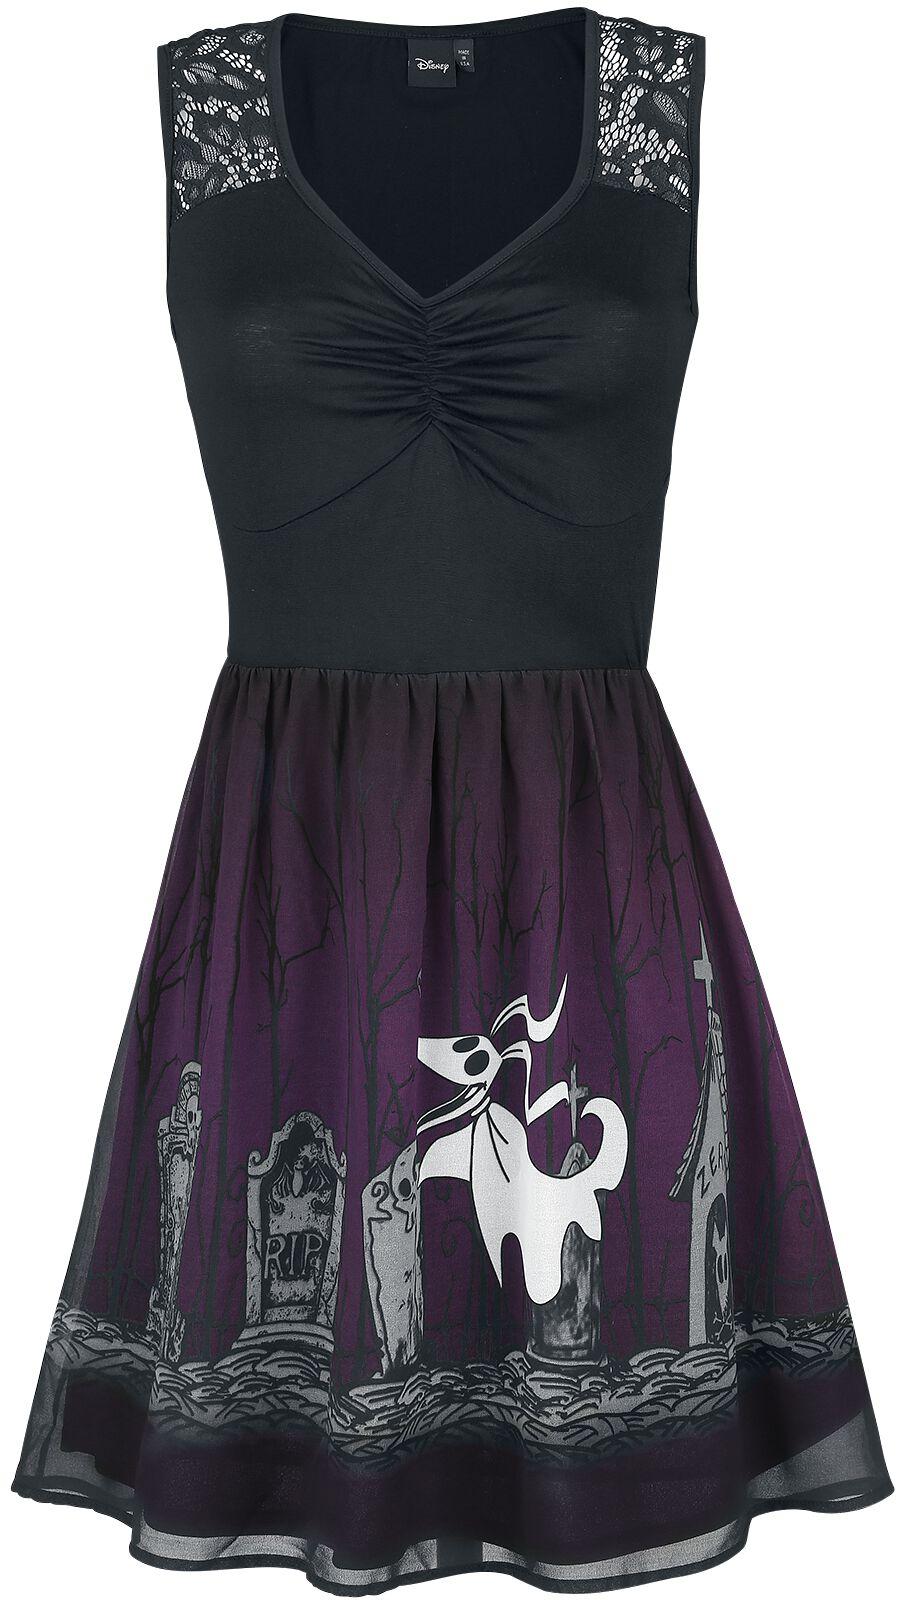 Zero | The Nightmare Before Christmas Short dress | EMP